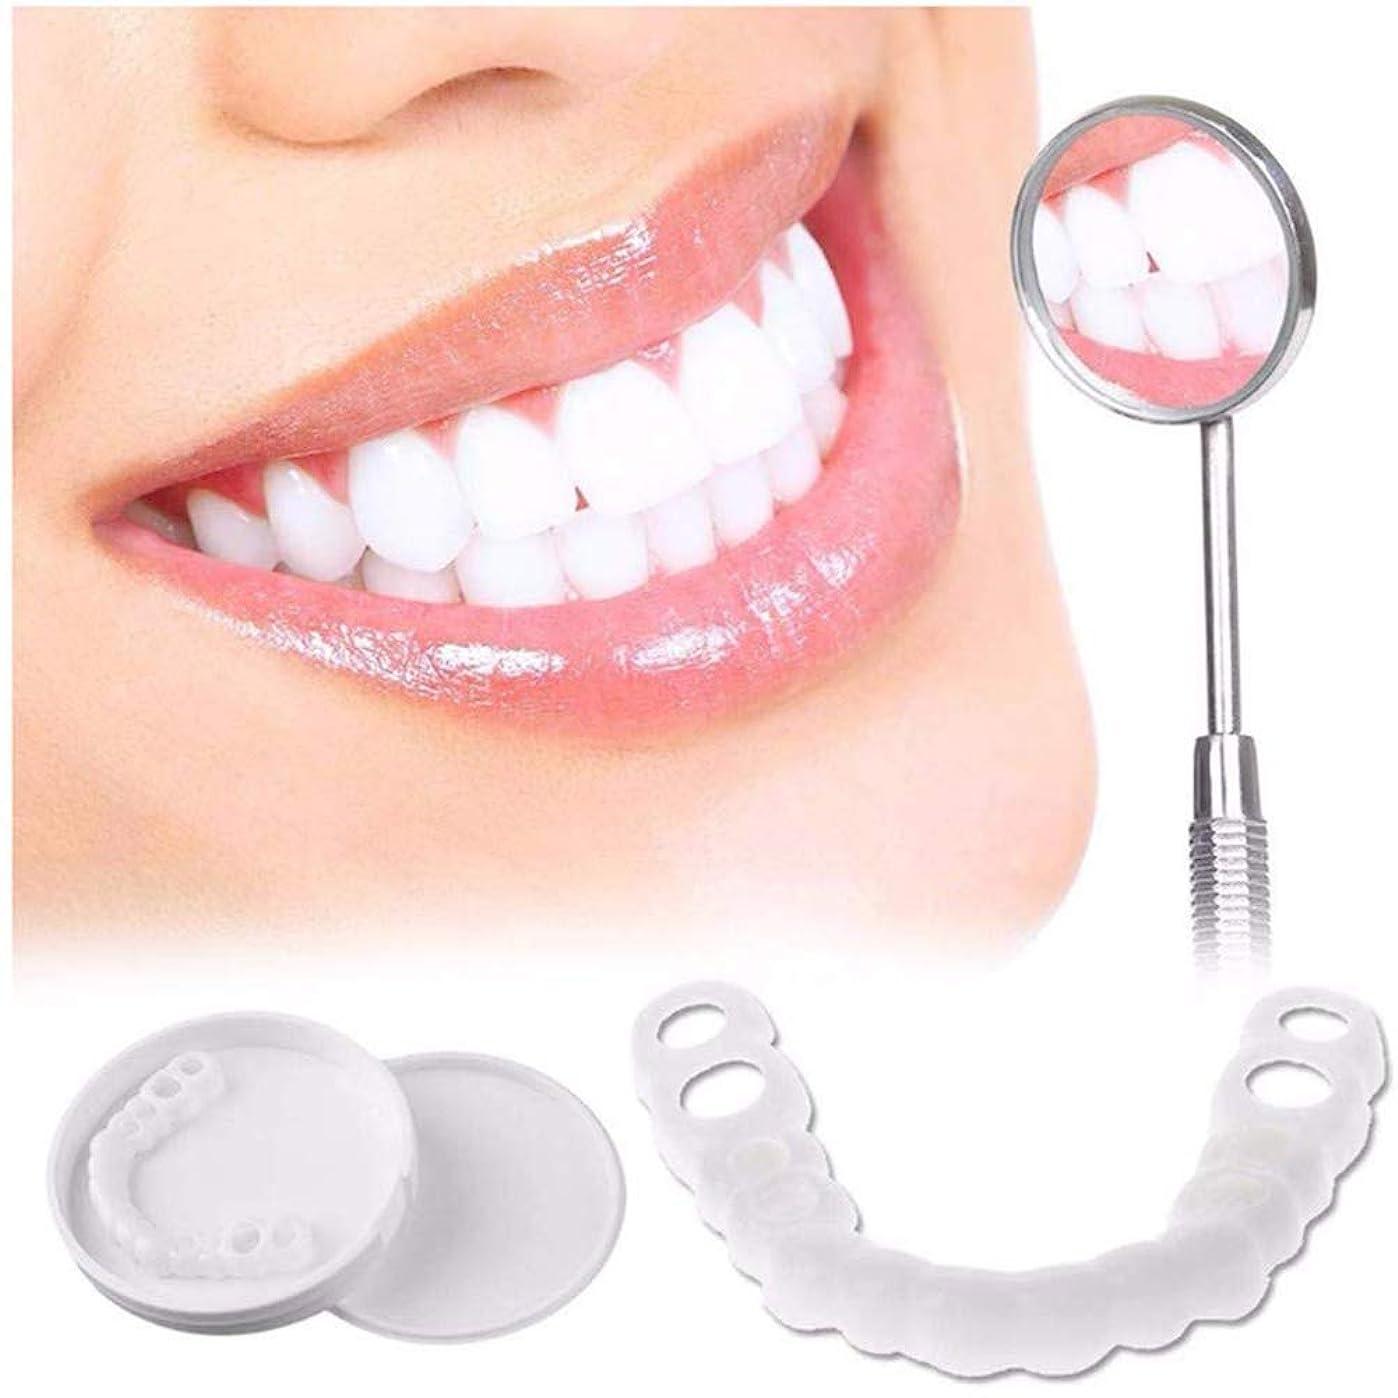 団結予測する掘る化粧品の歯Omfortフレックスパーフェクトスマイルインスタント一時-化粧品DIYは、あなたに最適なスマイルベニアを与えます